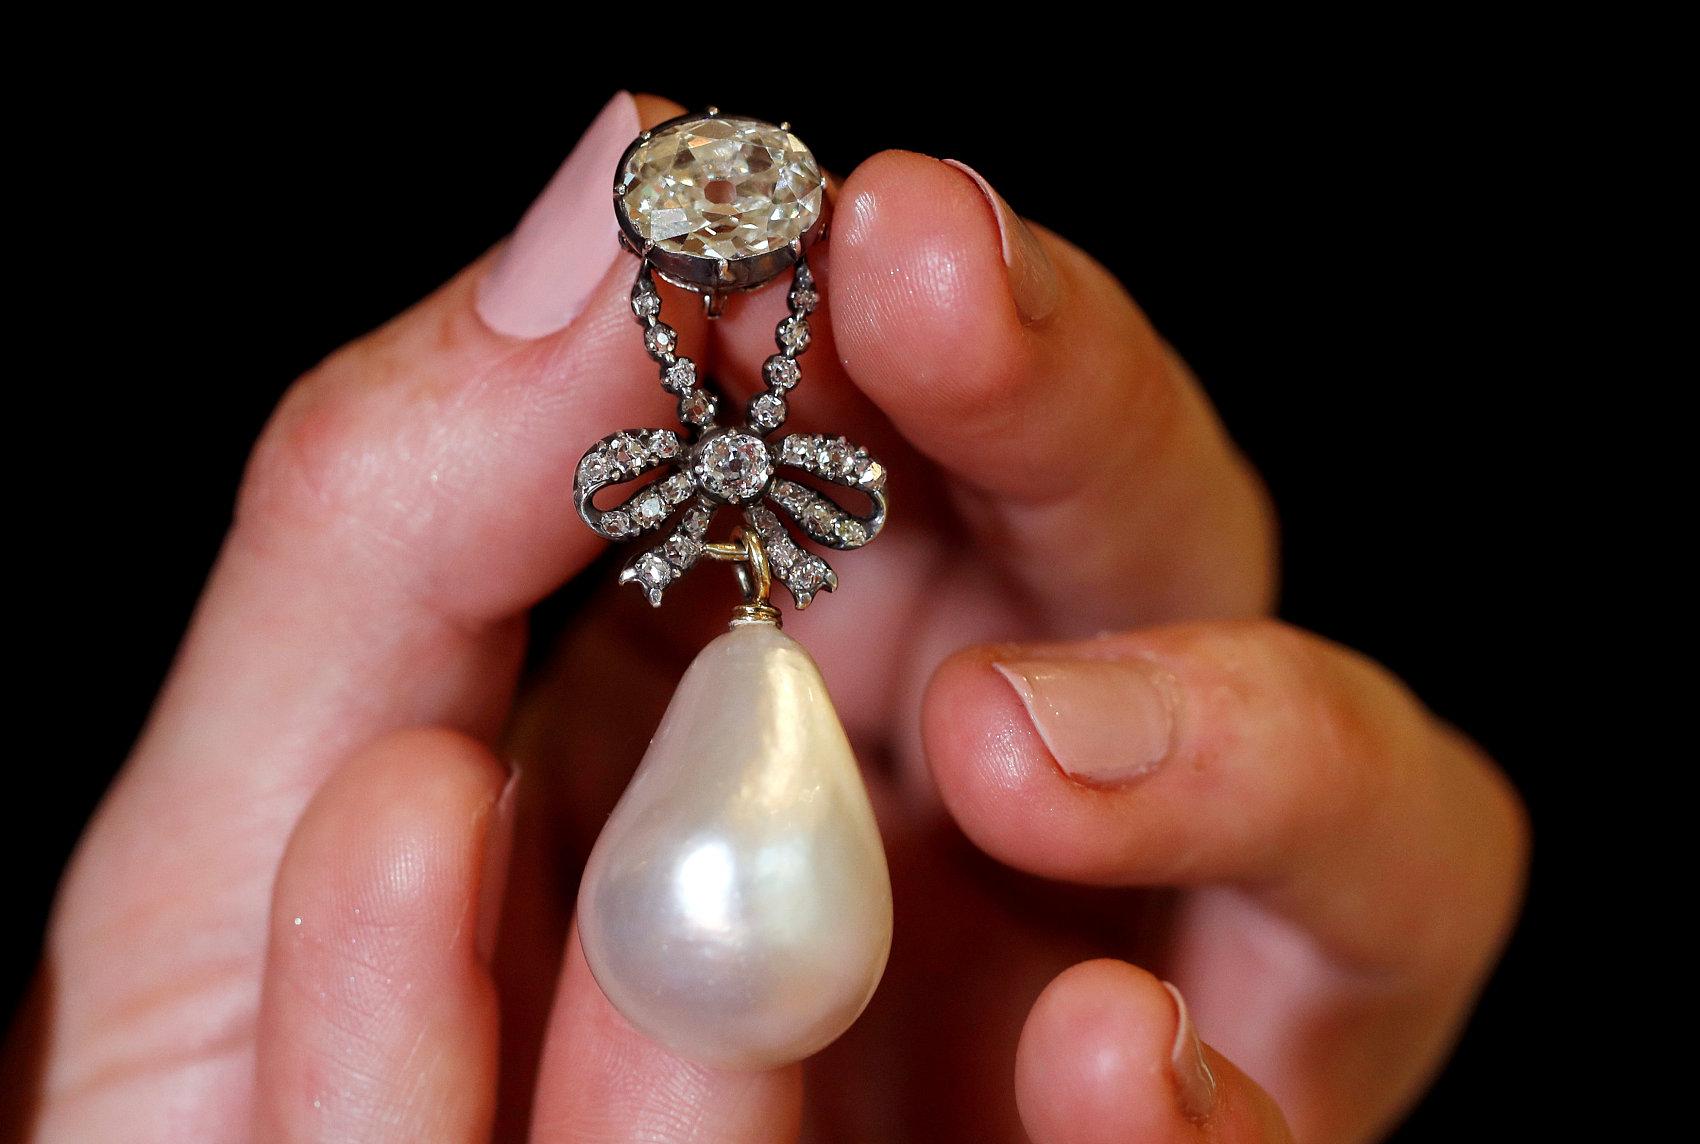 法国王后玛丽·安托瓦内特的珍珠吊坠拍出3600万美元的天价,创下天然珍珠最高纪录